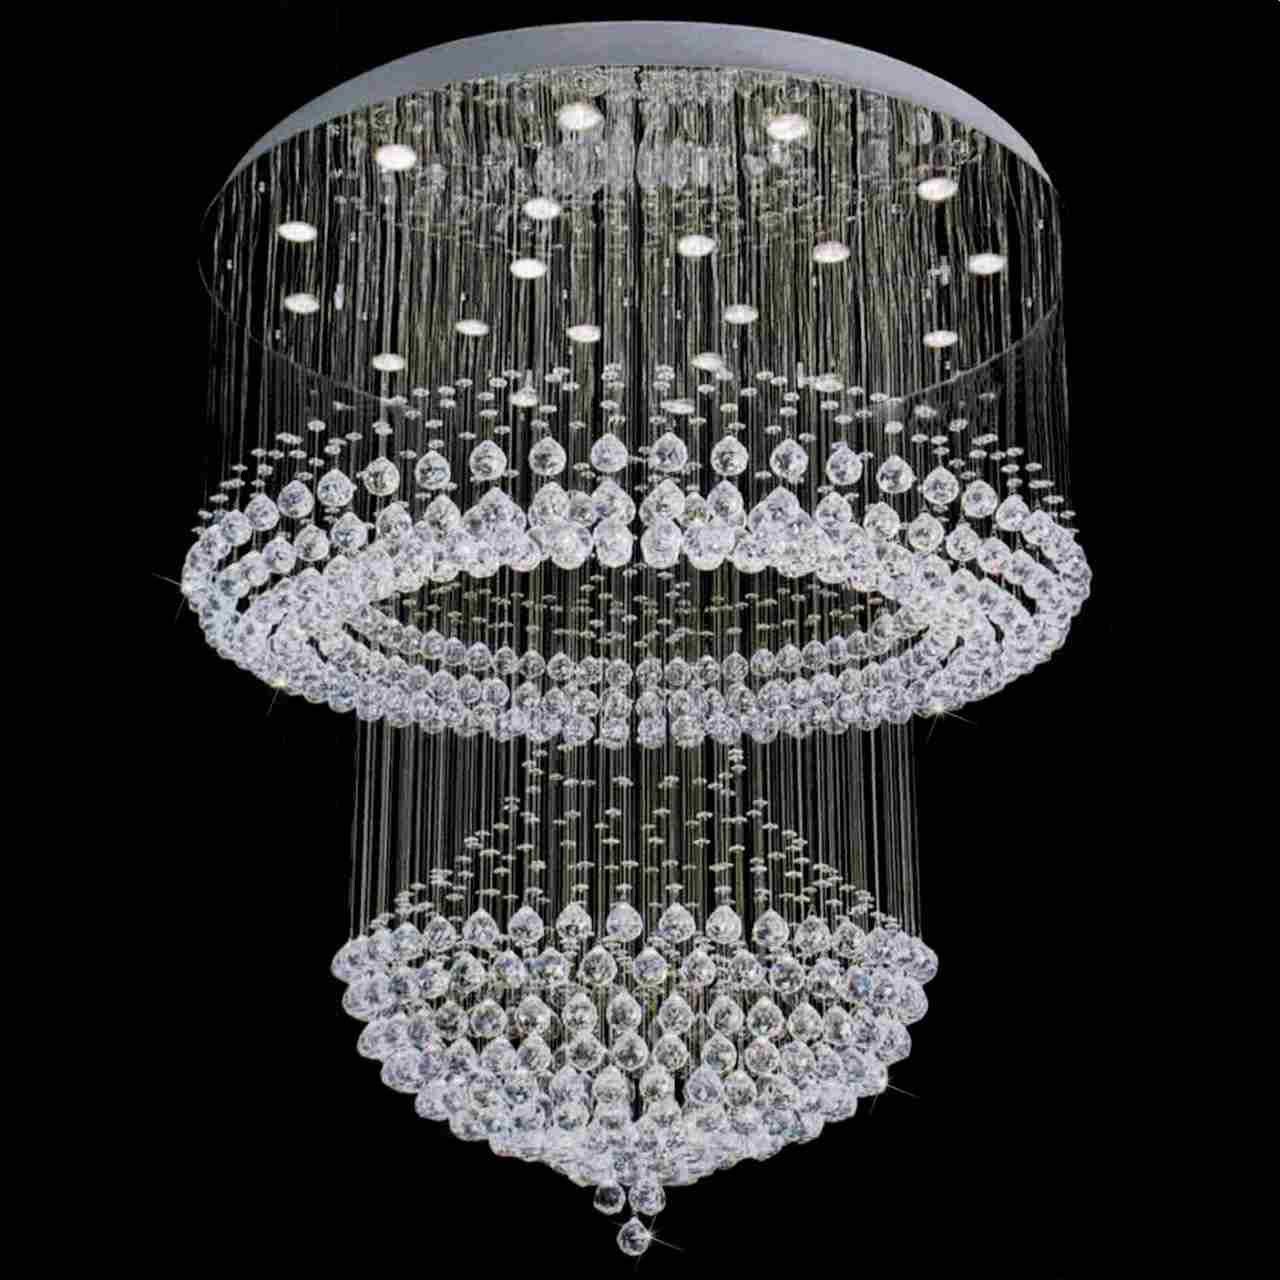 Modern Crystal Chandelier For Foyer Modern Crystal Chandeliers Foyer Chandelier Modern Foyer Chandelier Lamp